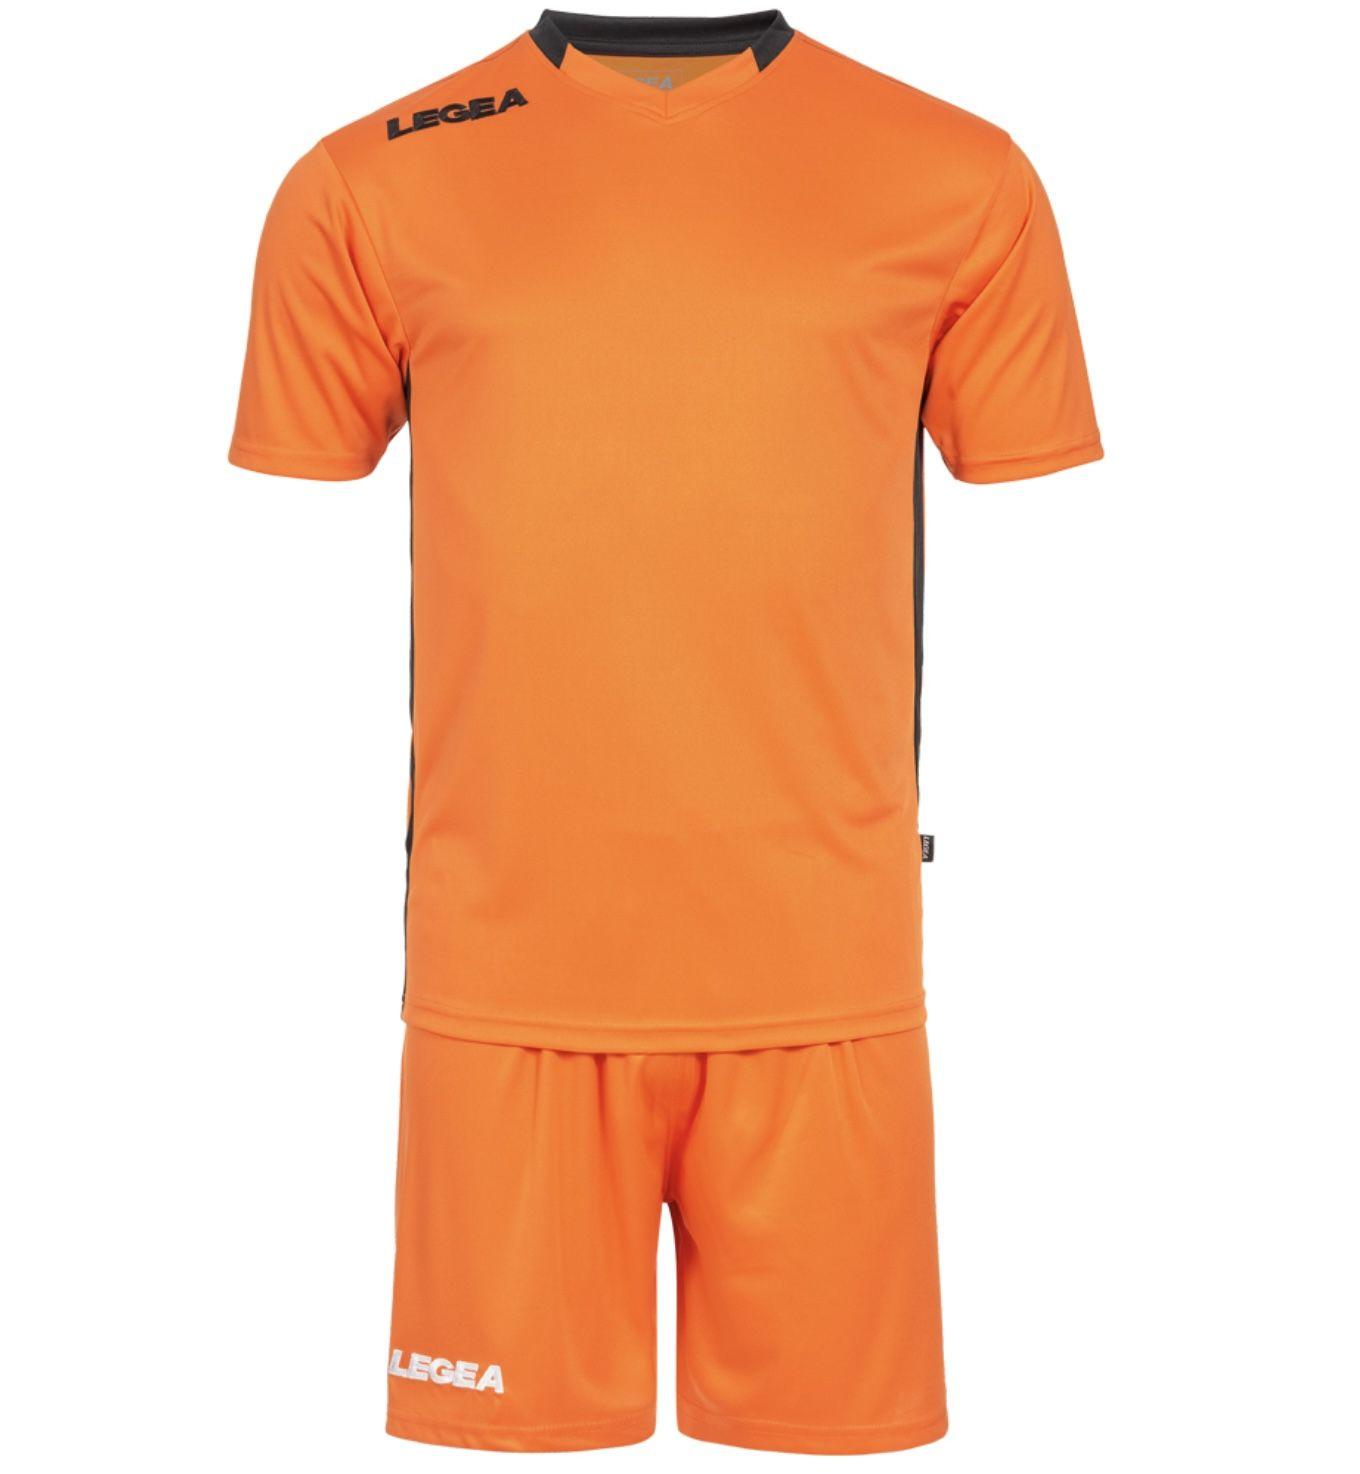 Legea Monaco Fußball Set in 3 Farben mit Trikot und Shorts für nur 8€